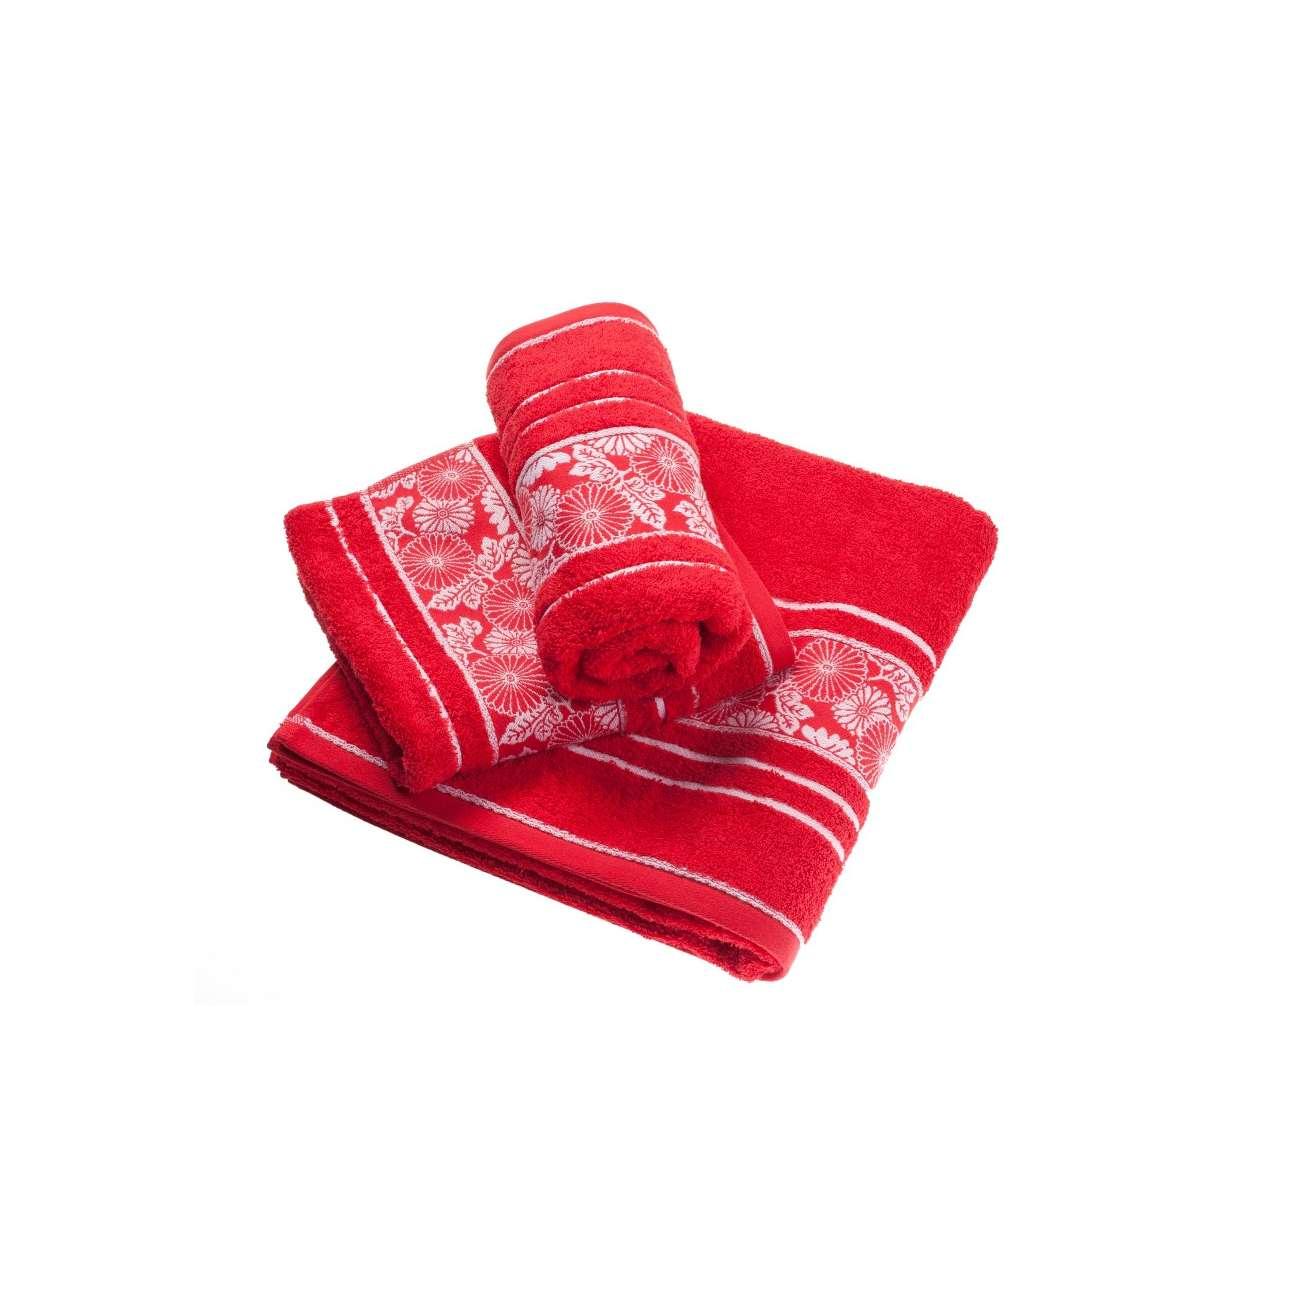 Ručník Castelo červený s výšivkou